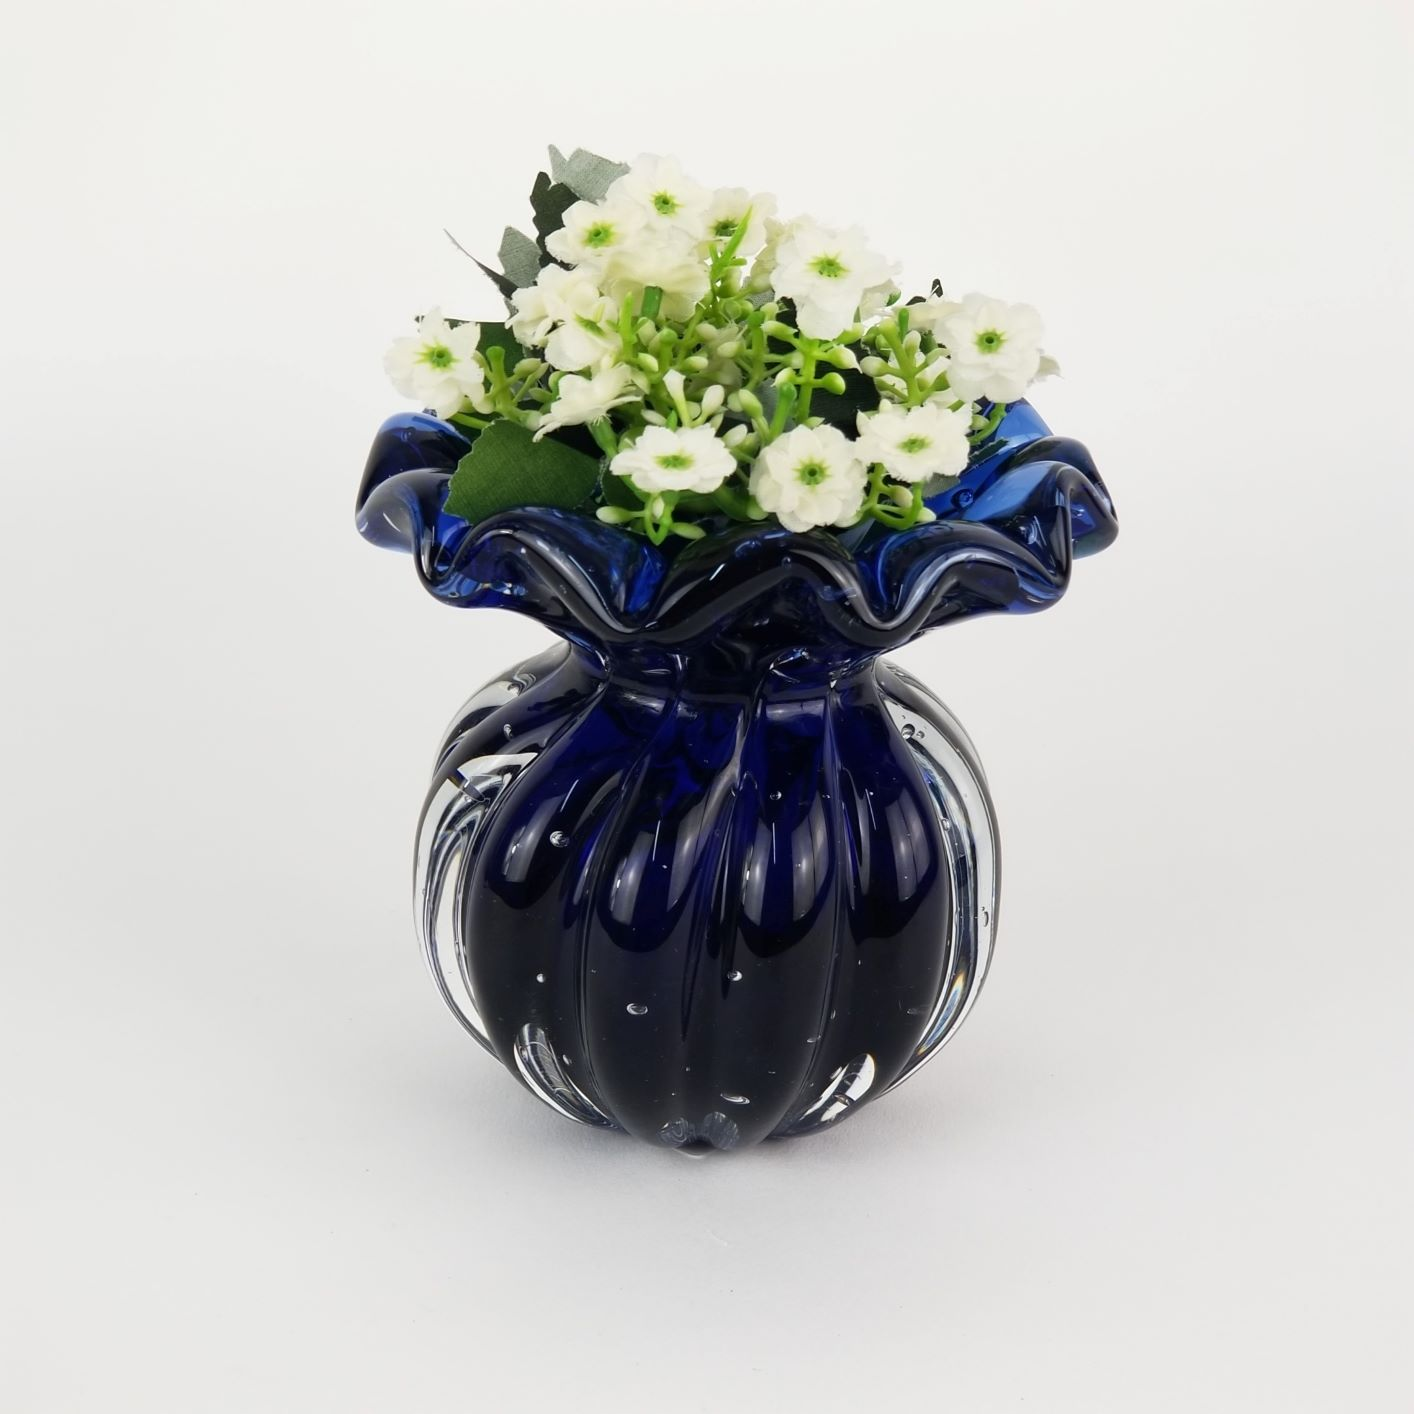 Vaso de Murano Trouxinha Labone - Cristal Azul Marinho